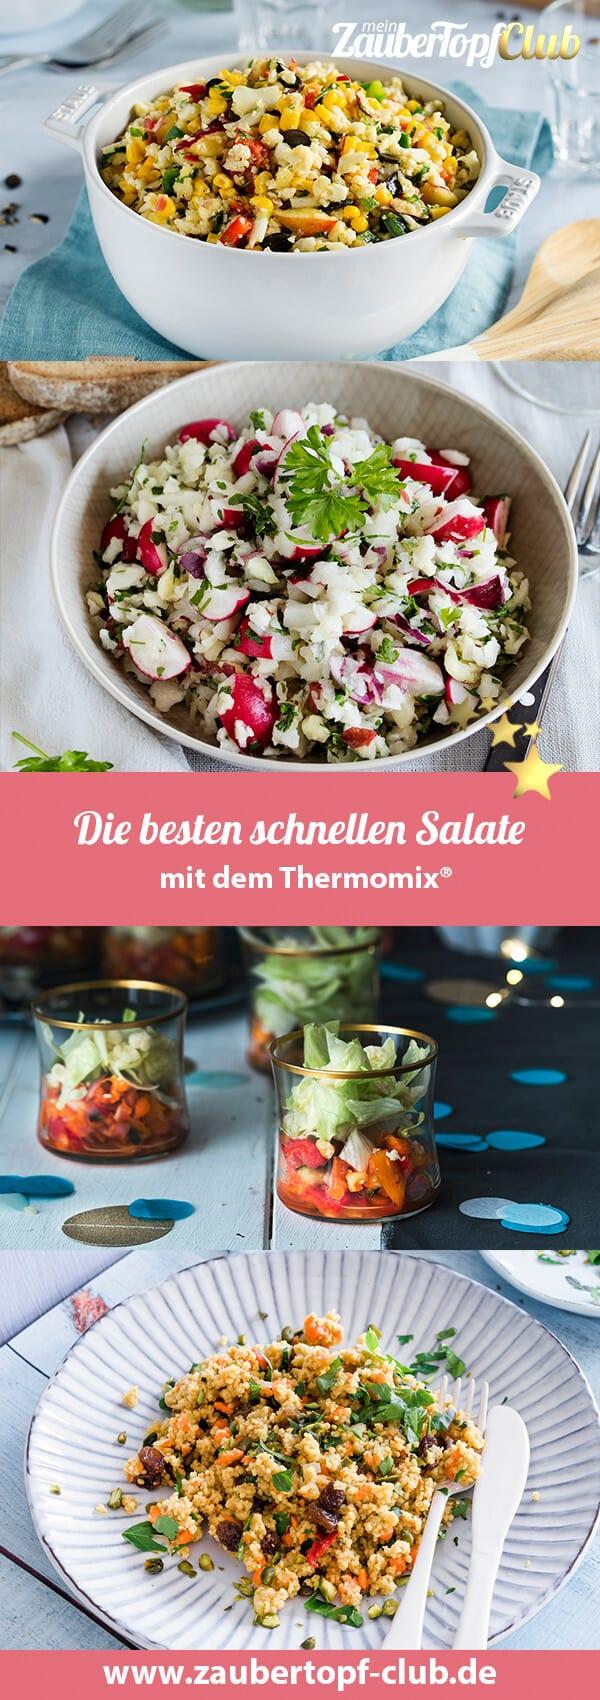 Die besten Salate mit dem Thermomix® – Fotos: Anna Gieseler und Tina Bumann